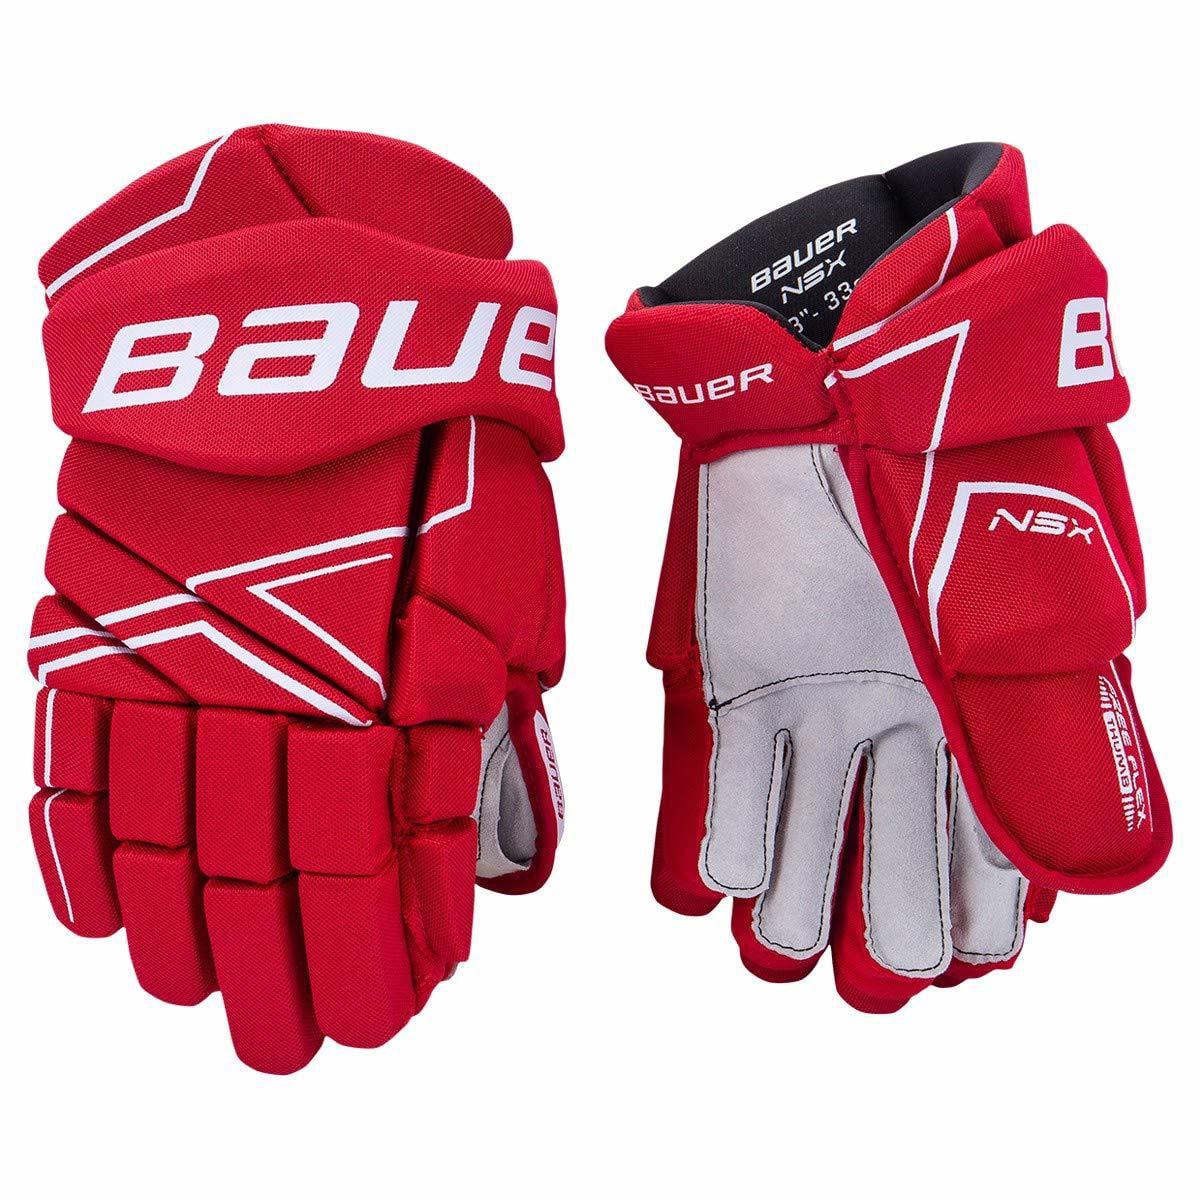 Bauer NSX Handschuh Senior schwarz Größe-Handschuh Bauer Farbe